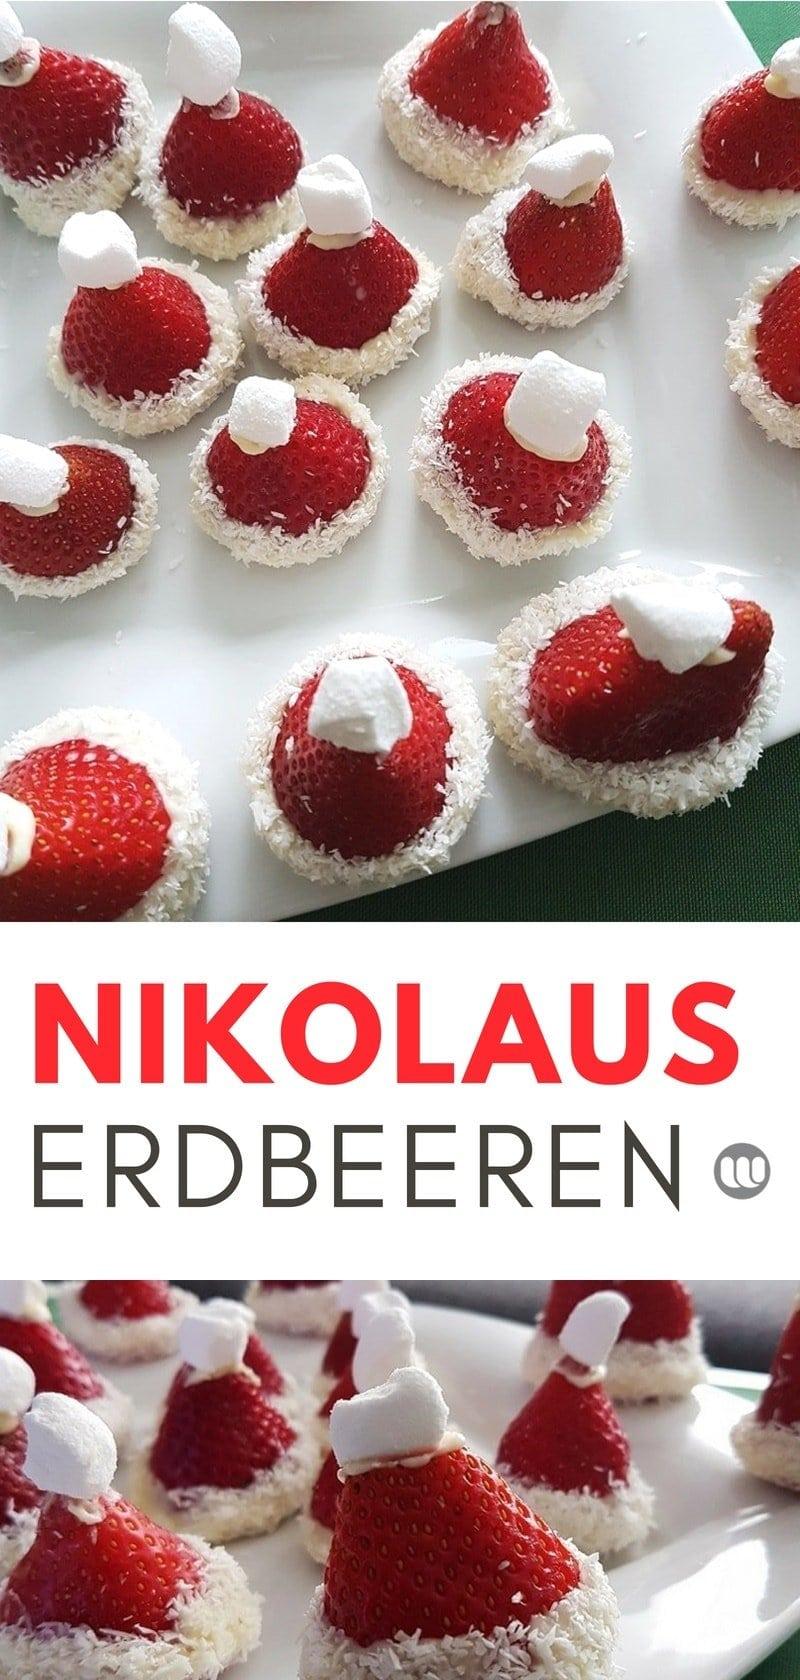 Rezept: Erdbeer Weihnachtsmann Mützen: Originelles Dessert Rezept zum Weihnachtsfest #Erdbeeren #Nikolaus #Weihnachten #Rezept #Dessert